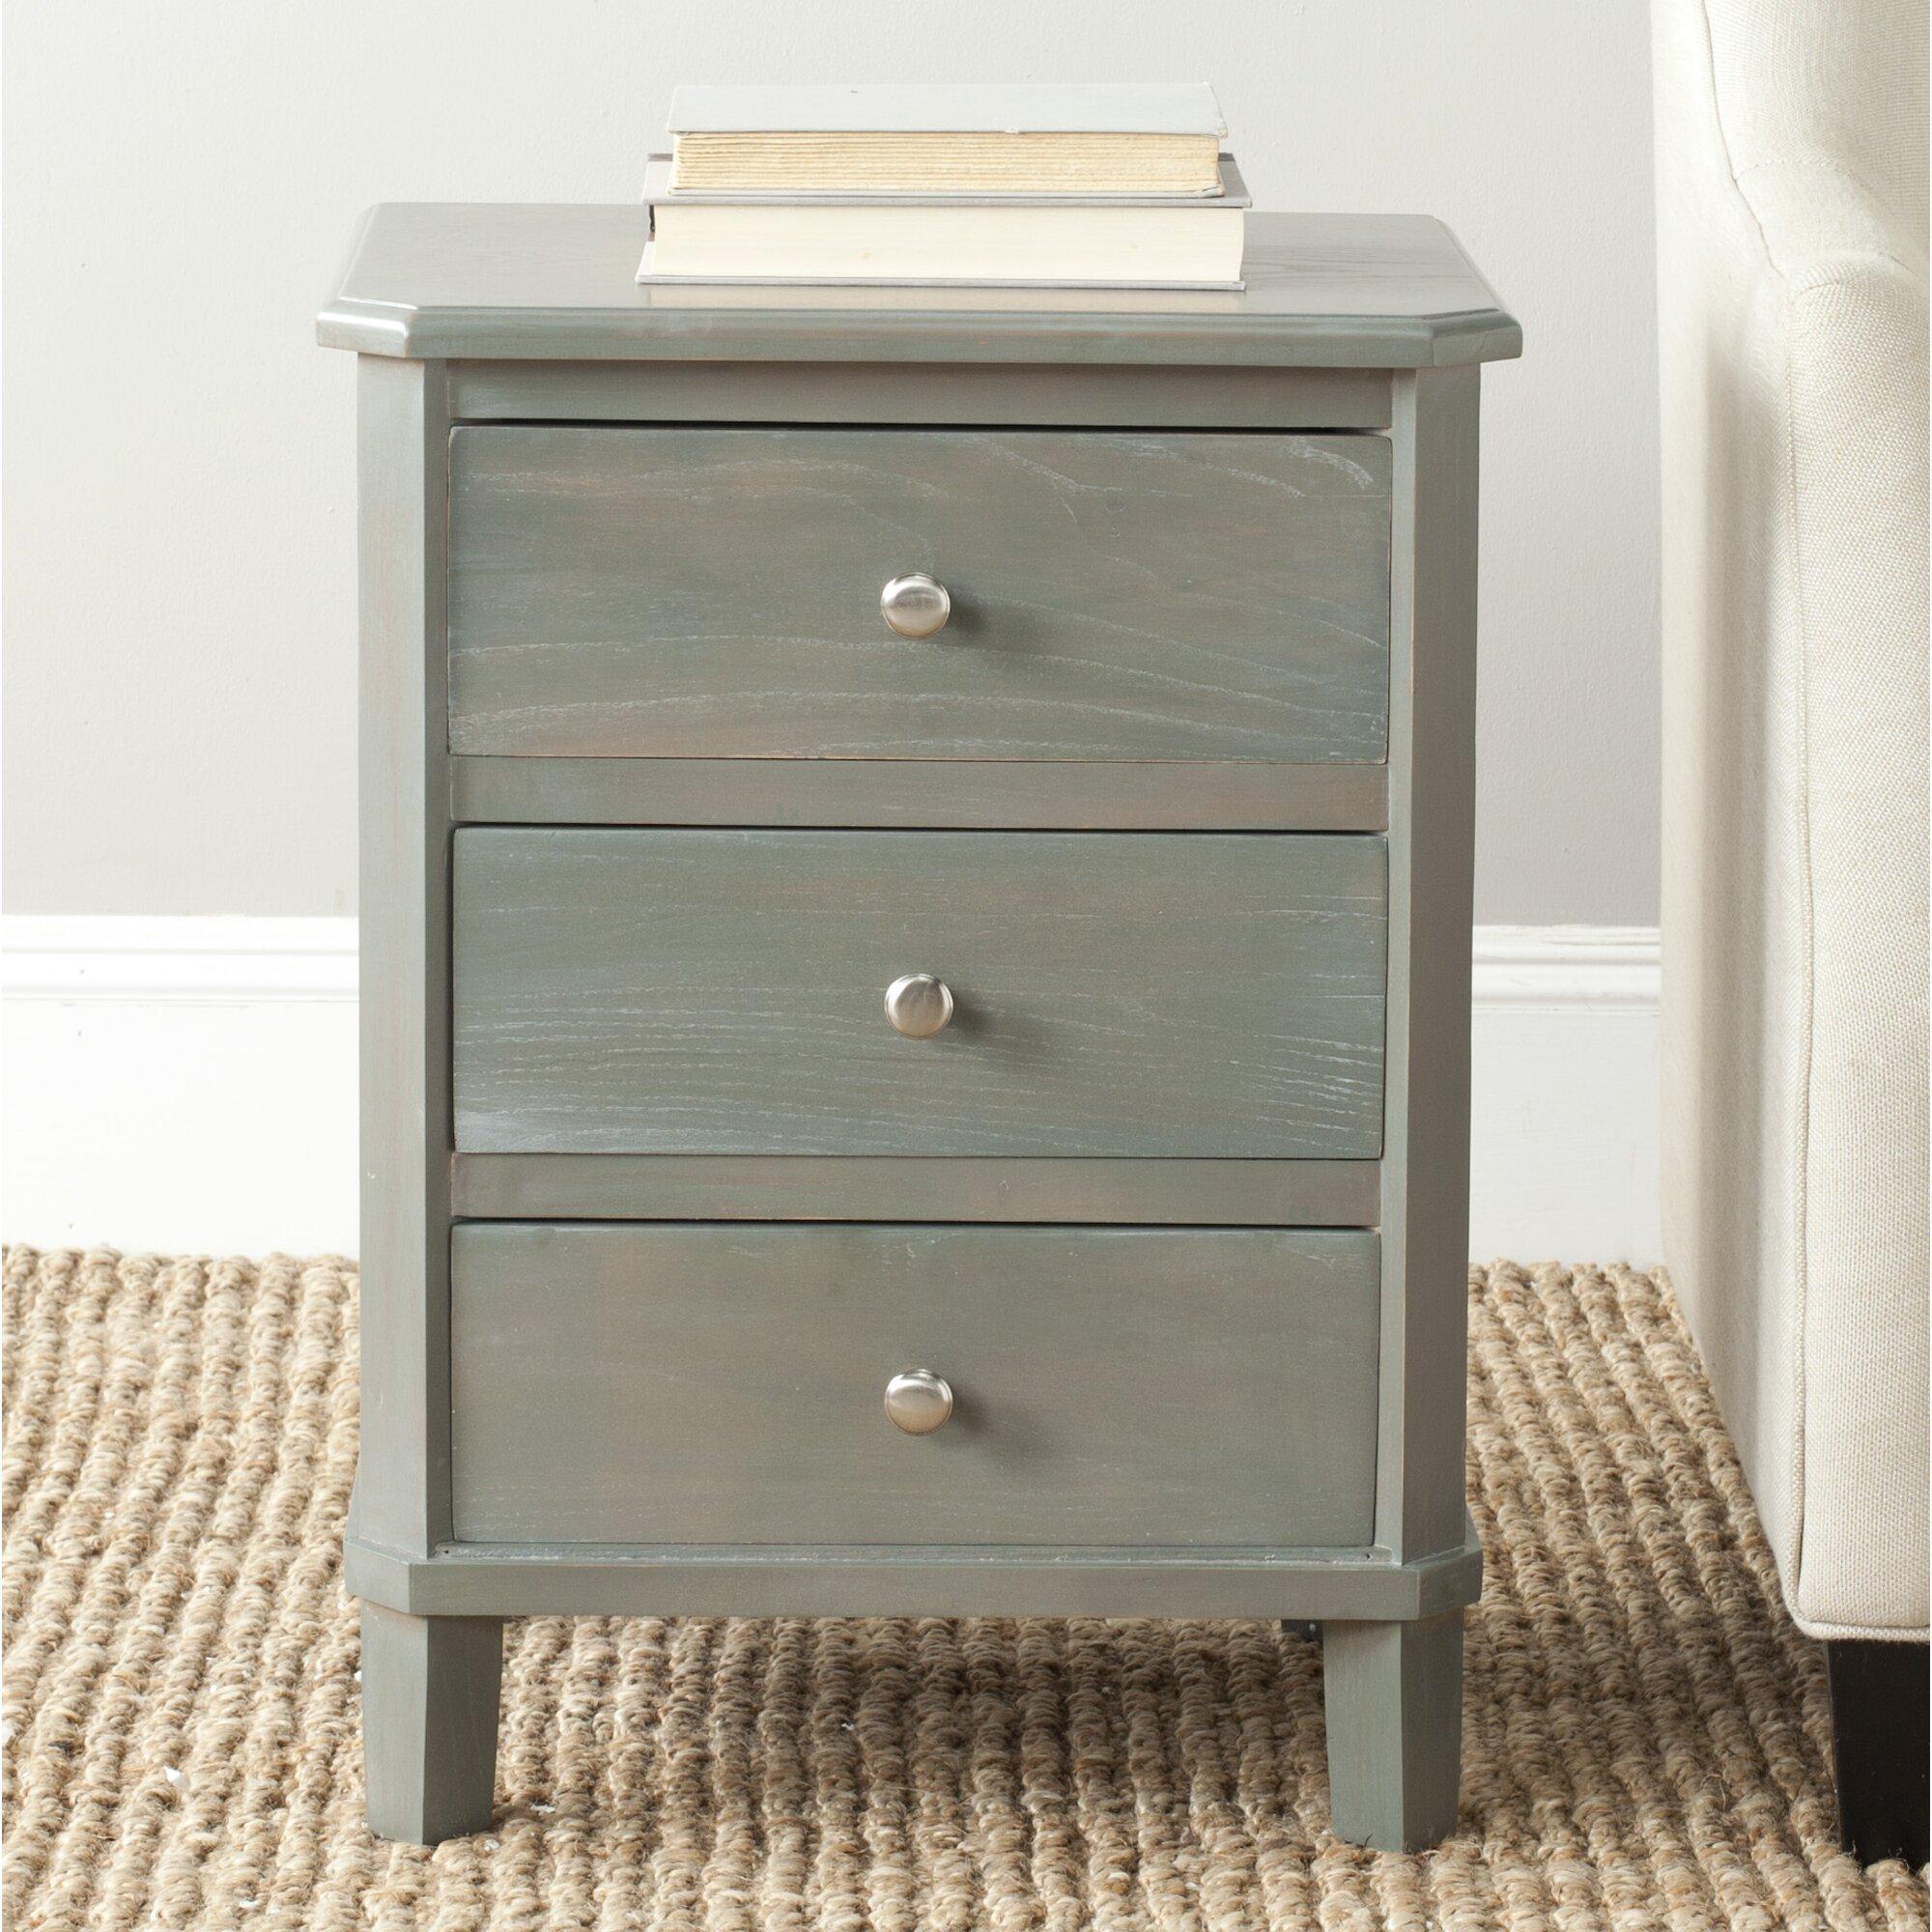 belle de nuit end table reviews allmodern. Black Bedroom Furniture Sets. Home Design Ideas